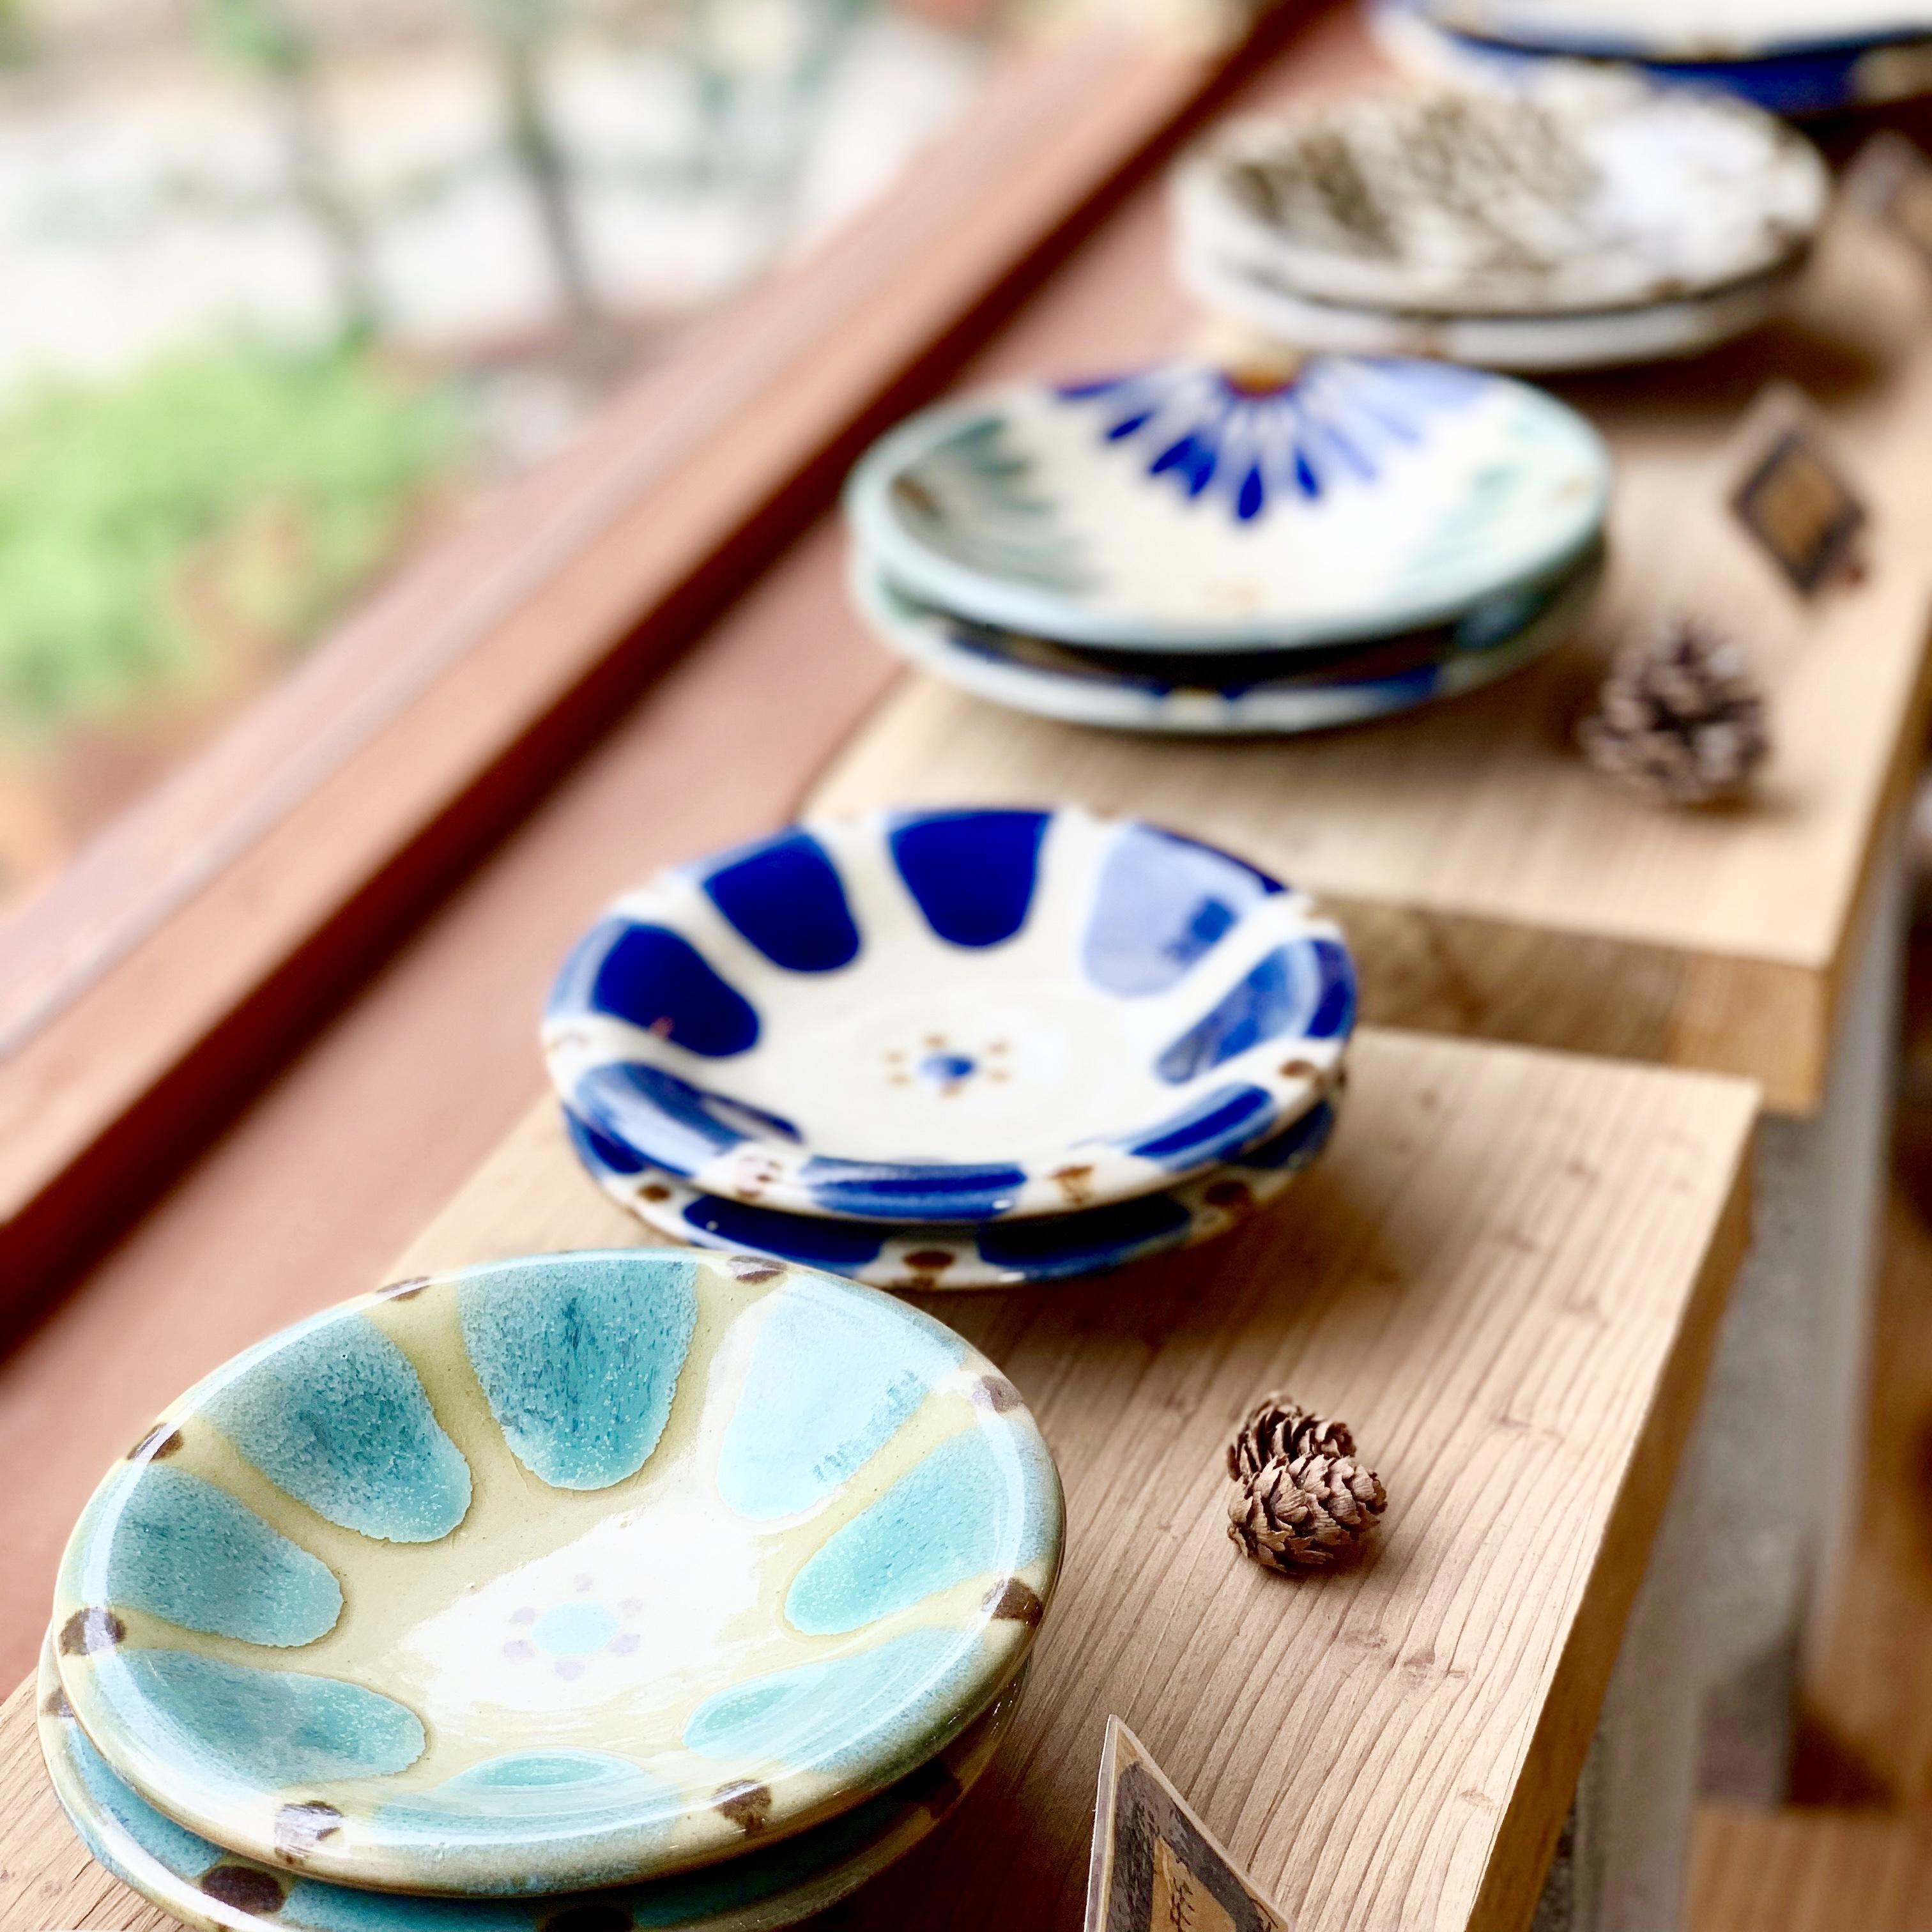 小皿 コバルト チチチャン ノモ陶器